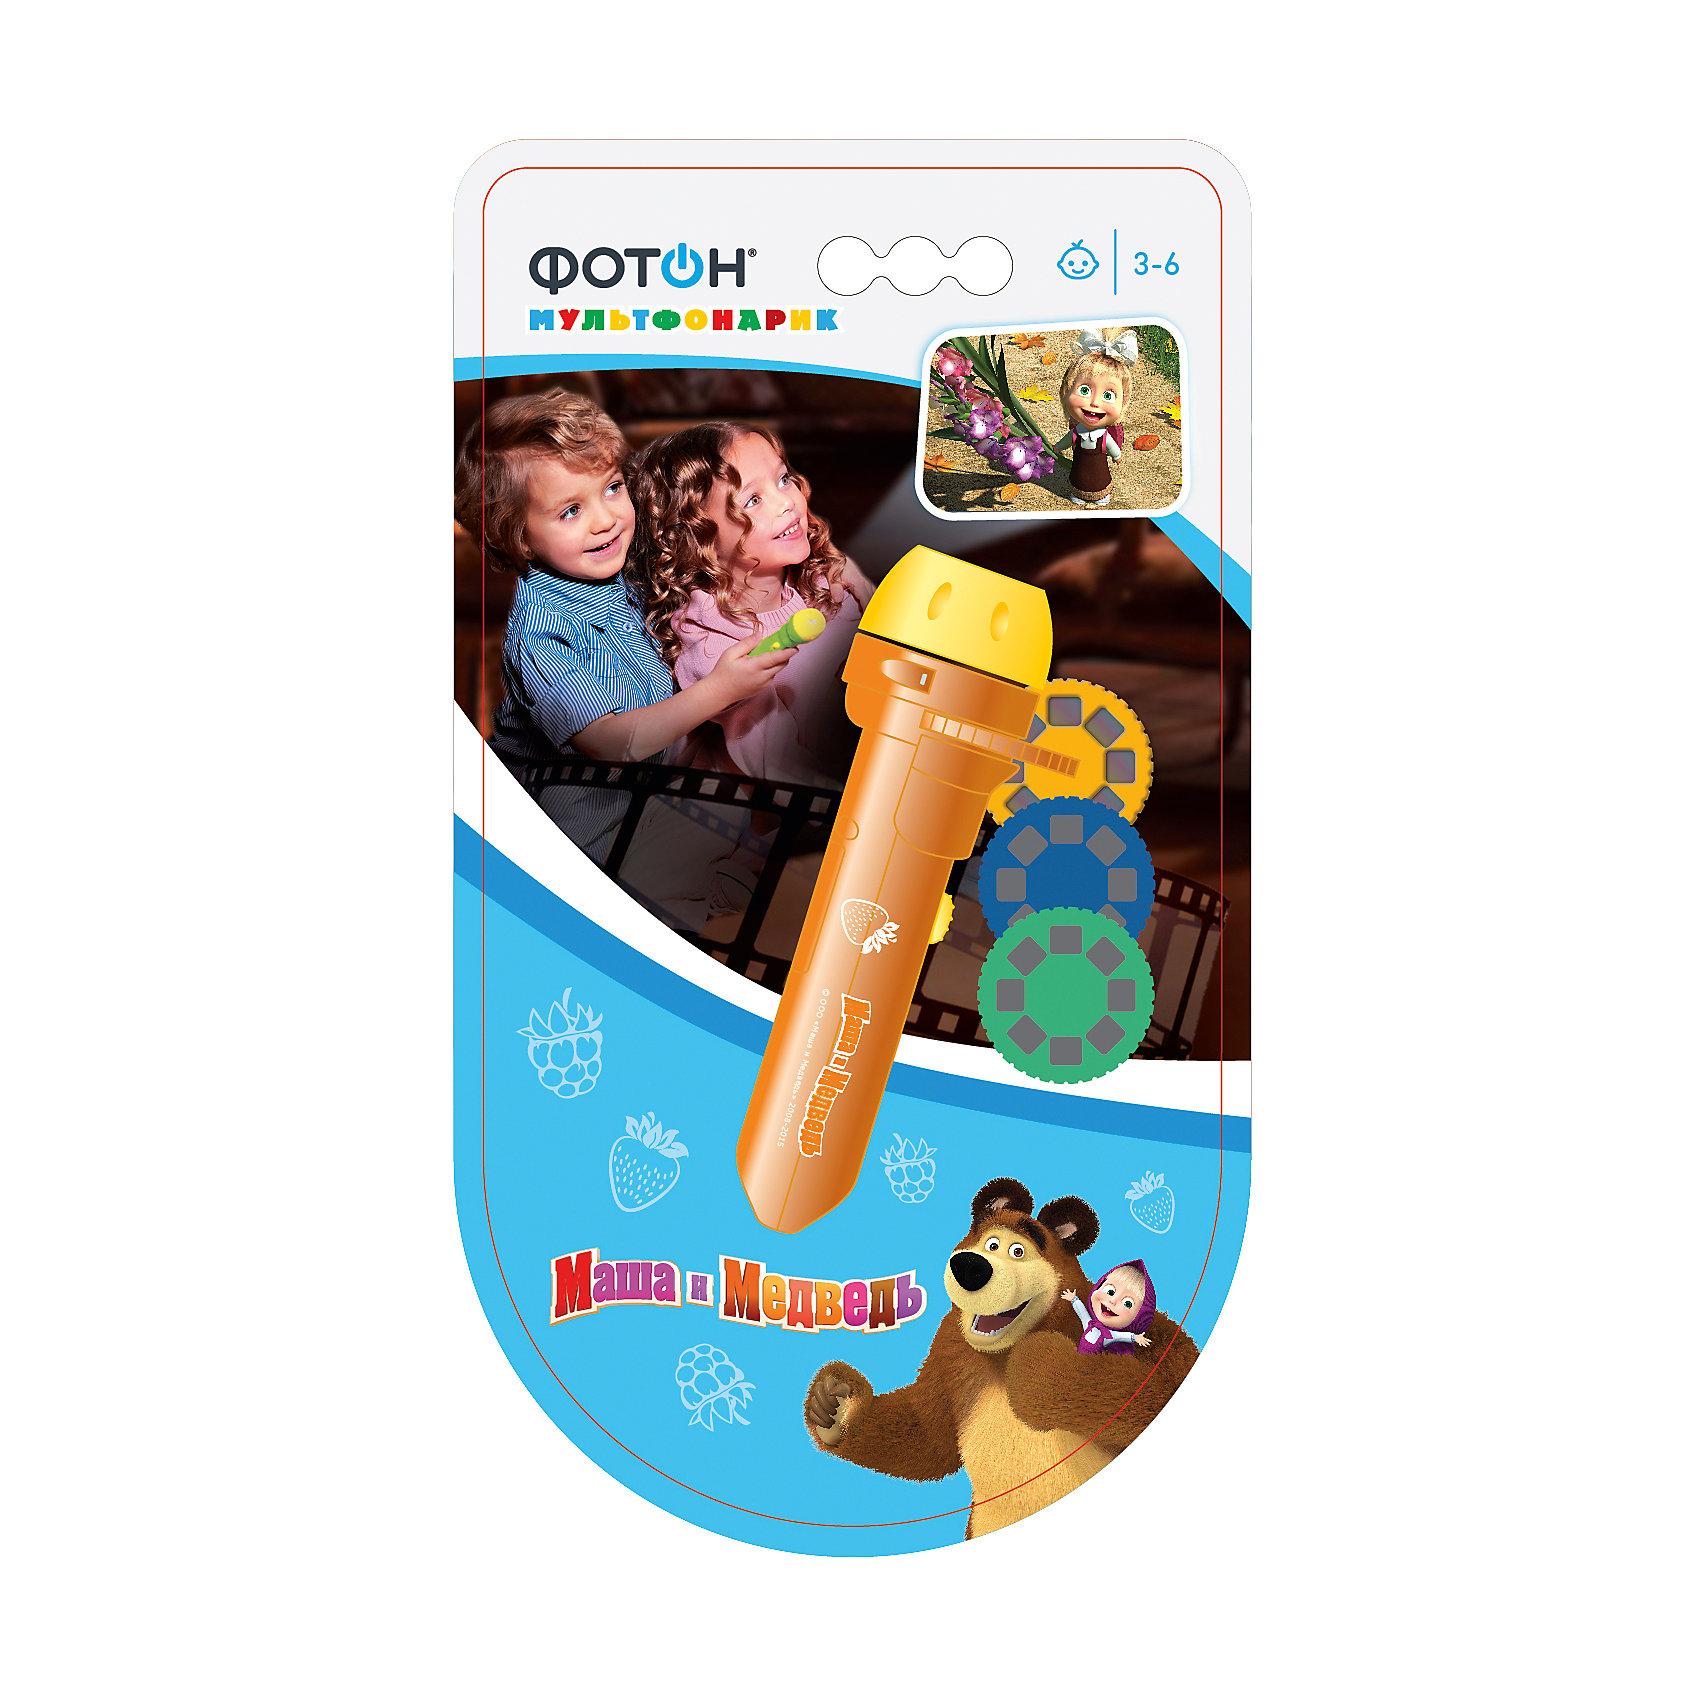 Мультфонарик с дисками  Маша и Медведь, оранжевый, ФотонБлагодаря такому фонарику-проектору, Ваш малыш сможет увидеть захватывающие истории Маши и ее друга Медведя.<br>Сказки:<br>- Про новогоднее представление<br>- Про Машу-первоклашку<br>-  Про Машу и музыкальные инструменты<br><br>Дополнительная информация:<br><br>- Возраст: от 3 лет.<br>- Материал: пластик.<br>- Цвет: оранжевый.<br>- Размер упаковки: 23х12.5х3.5 см.<br>- Вес в упаковке: 107 г.<br><br>Купить мультфонарик с дисками Маша и Медведь в оранжевом цвете, можно в нашем магазине.<br><br>Ширина мм: 230<br>Глубина мм: 125<br>Высота мм: 35<br>Вес г: 107<br>Возраст от месяцев: 36<br>Возраст до месяцев: 84<br>Пол: Унисекс<br>Возраст: Детский<br>SKU: 5007962